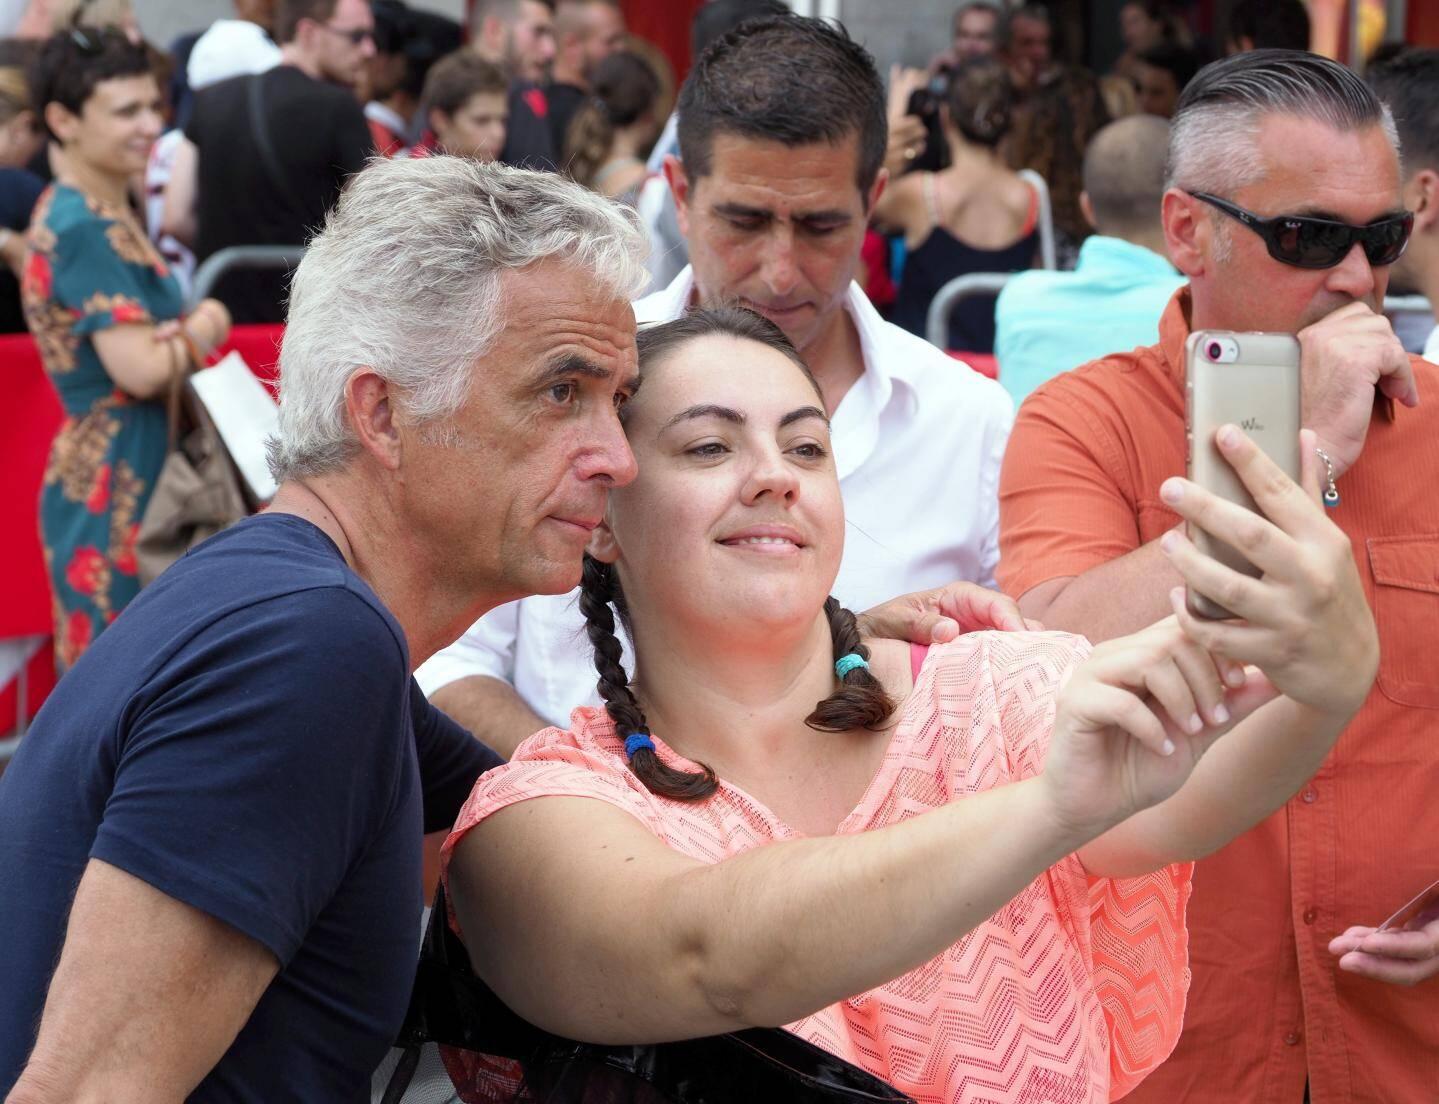 Le président J.-P. Rivère, sollicité pour de nombreux selfies.